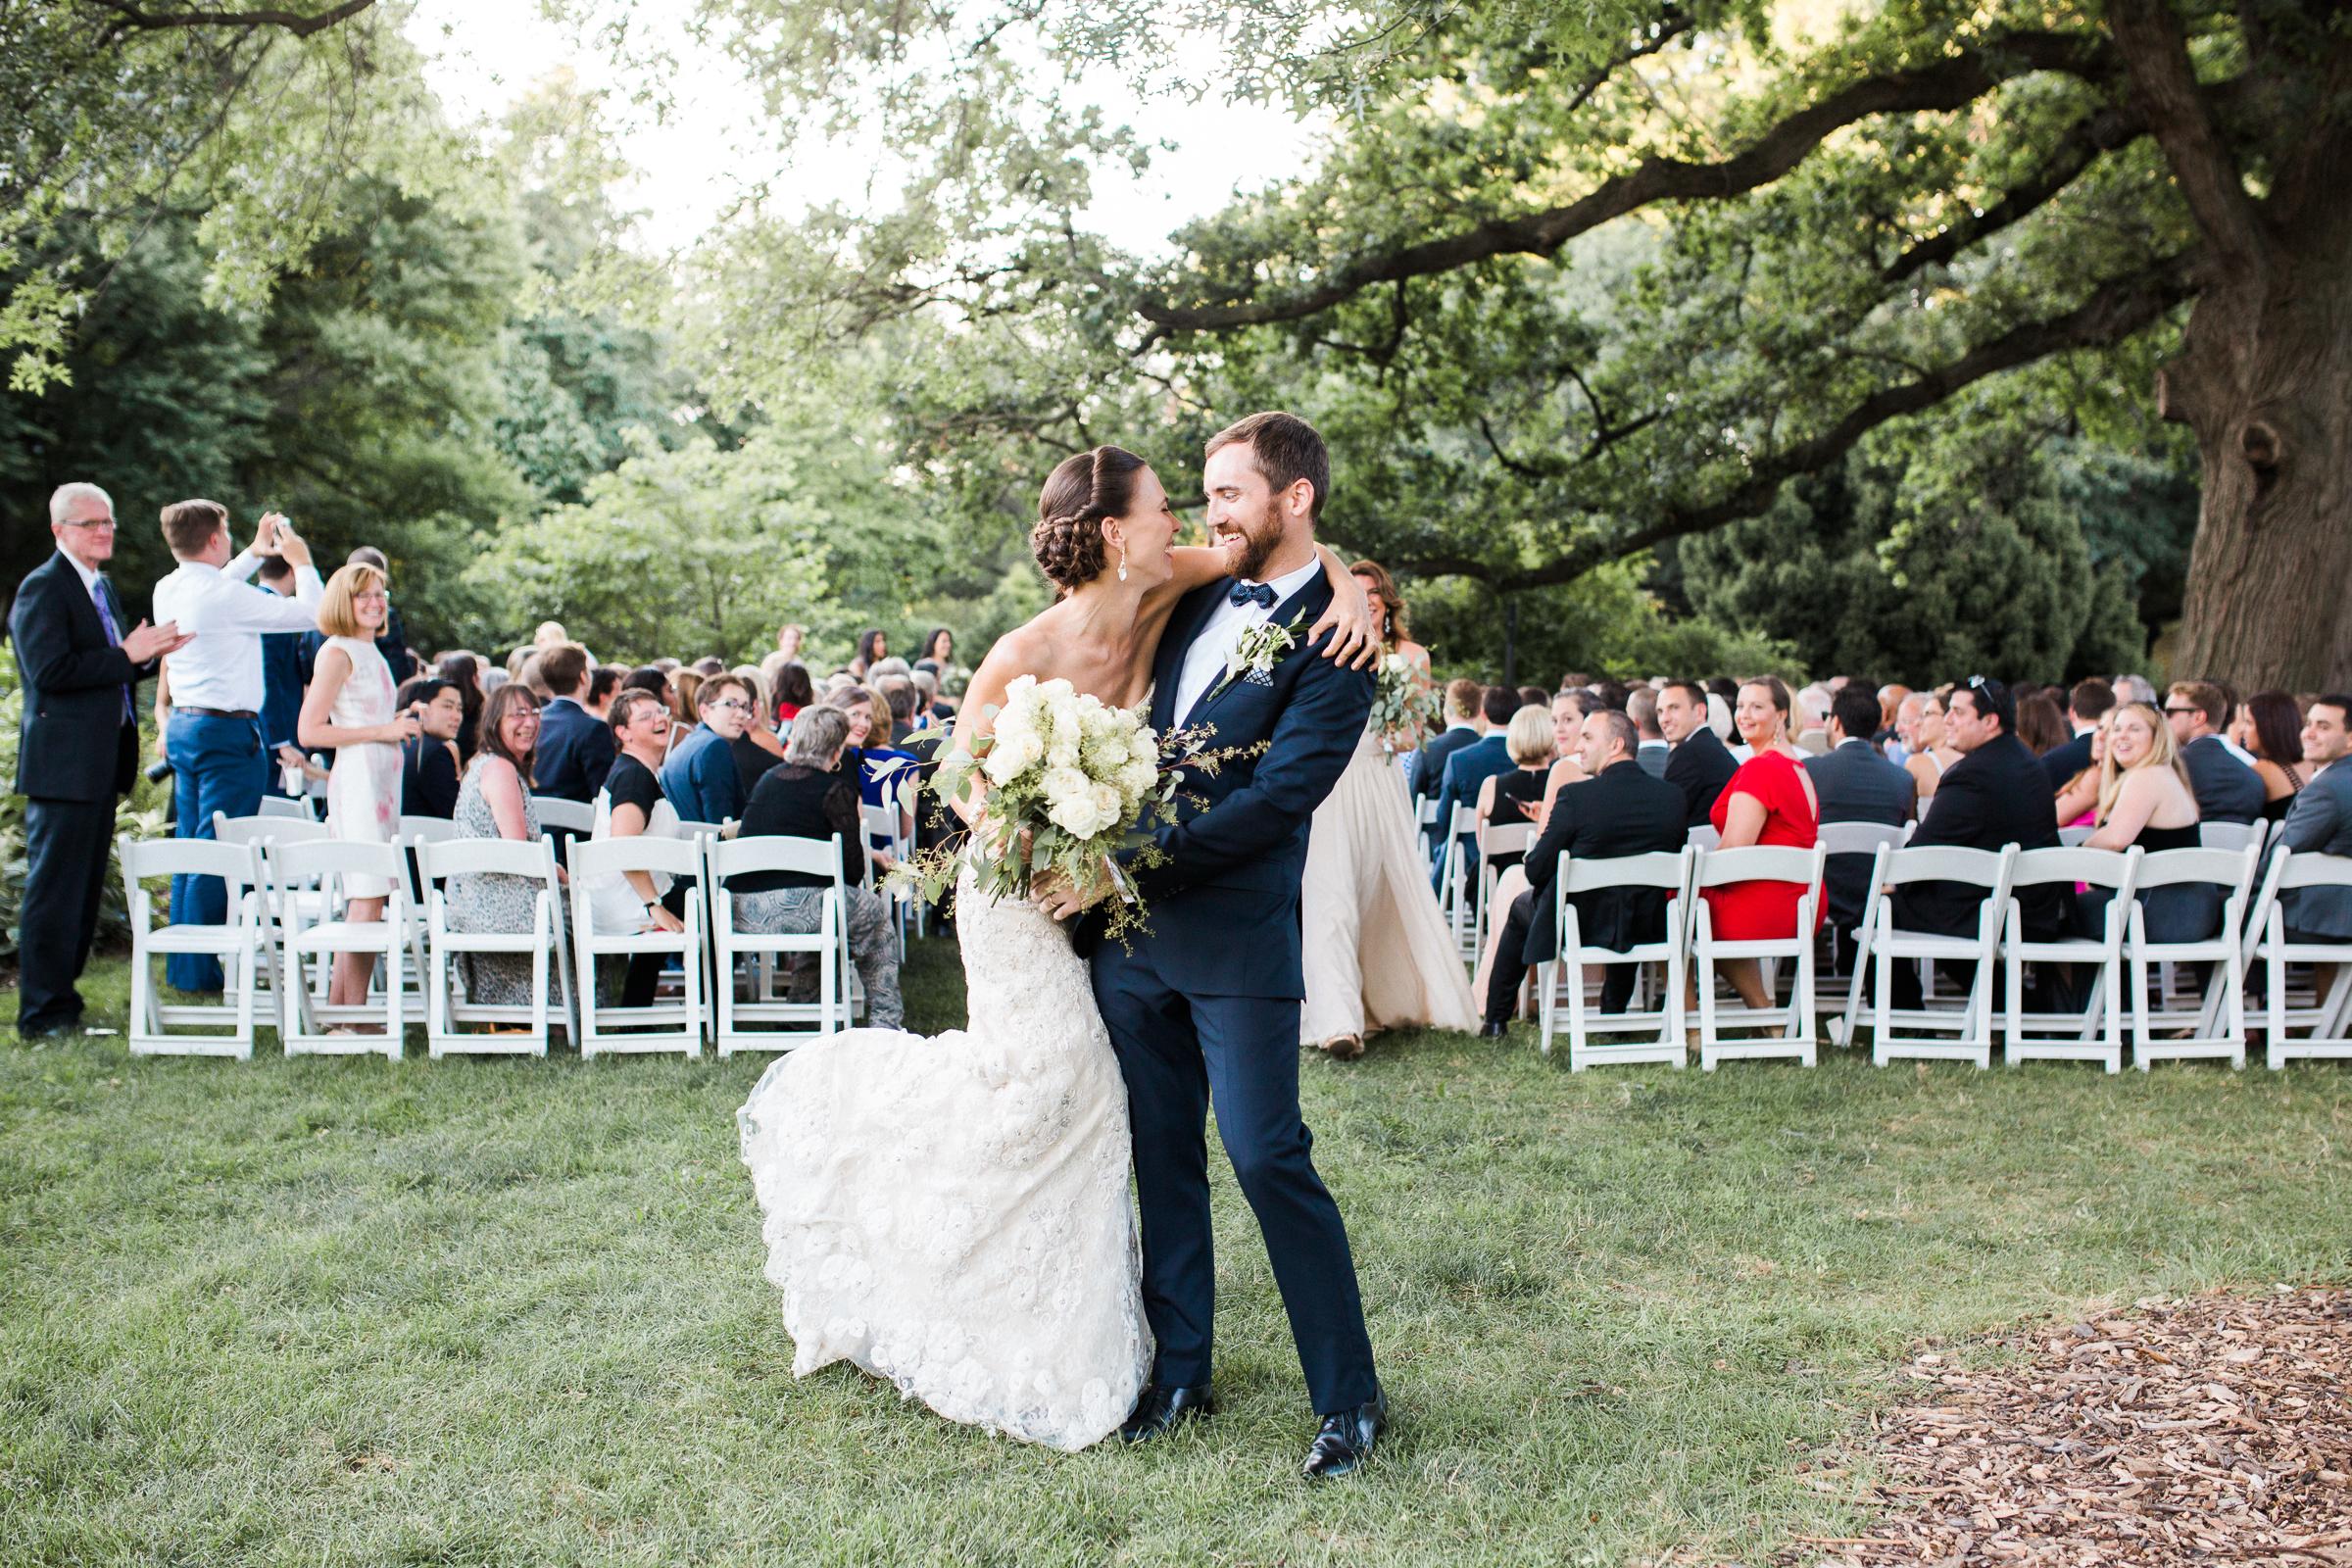 brooklyn_botanic_garden_wedding_photographer_3.jpg